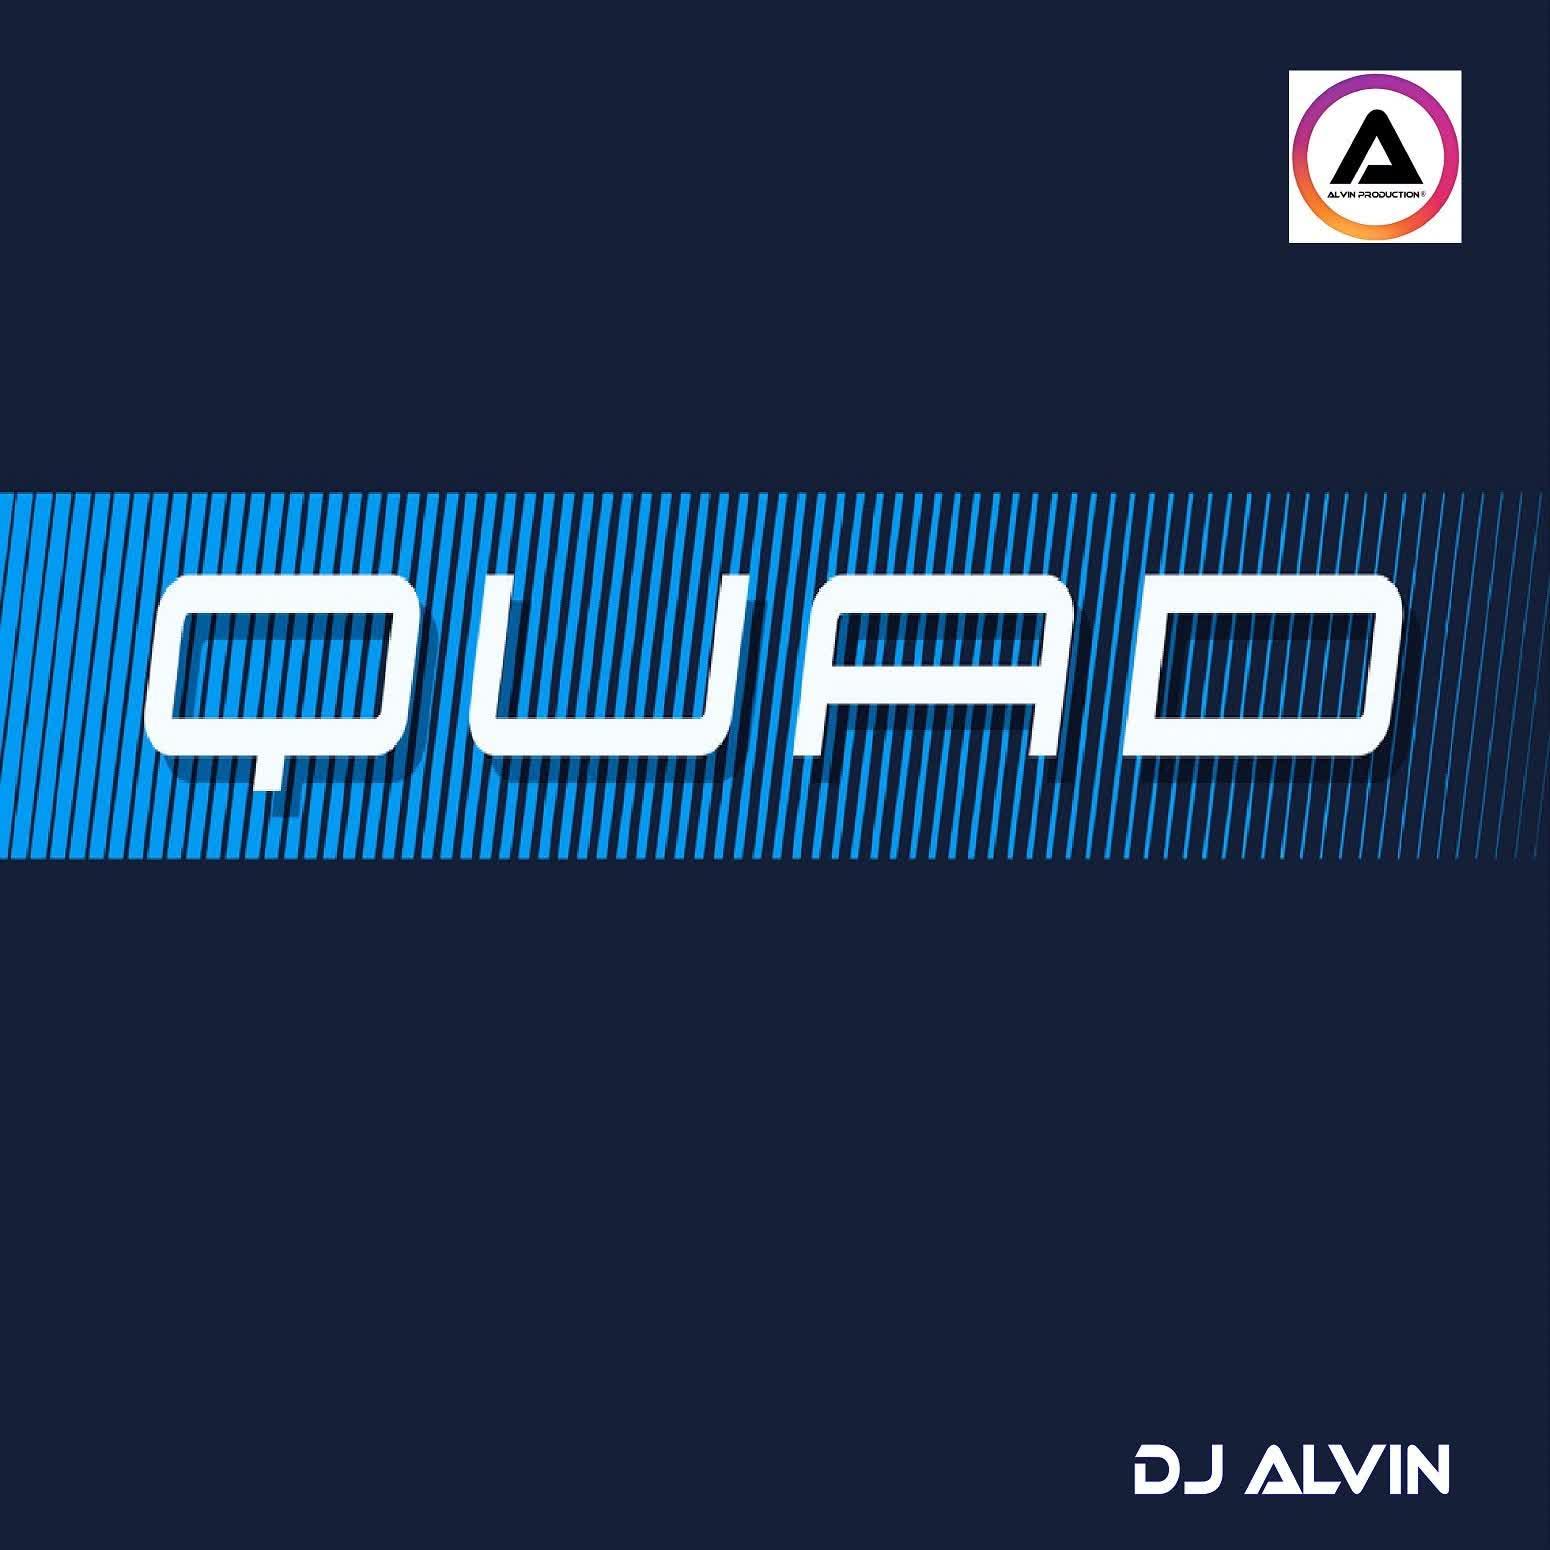 DJ Alvin - Quad